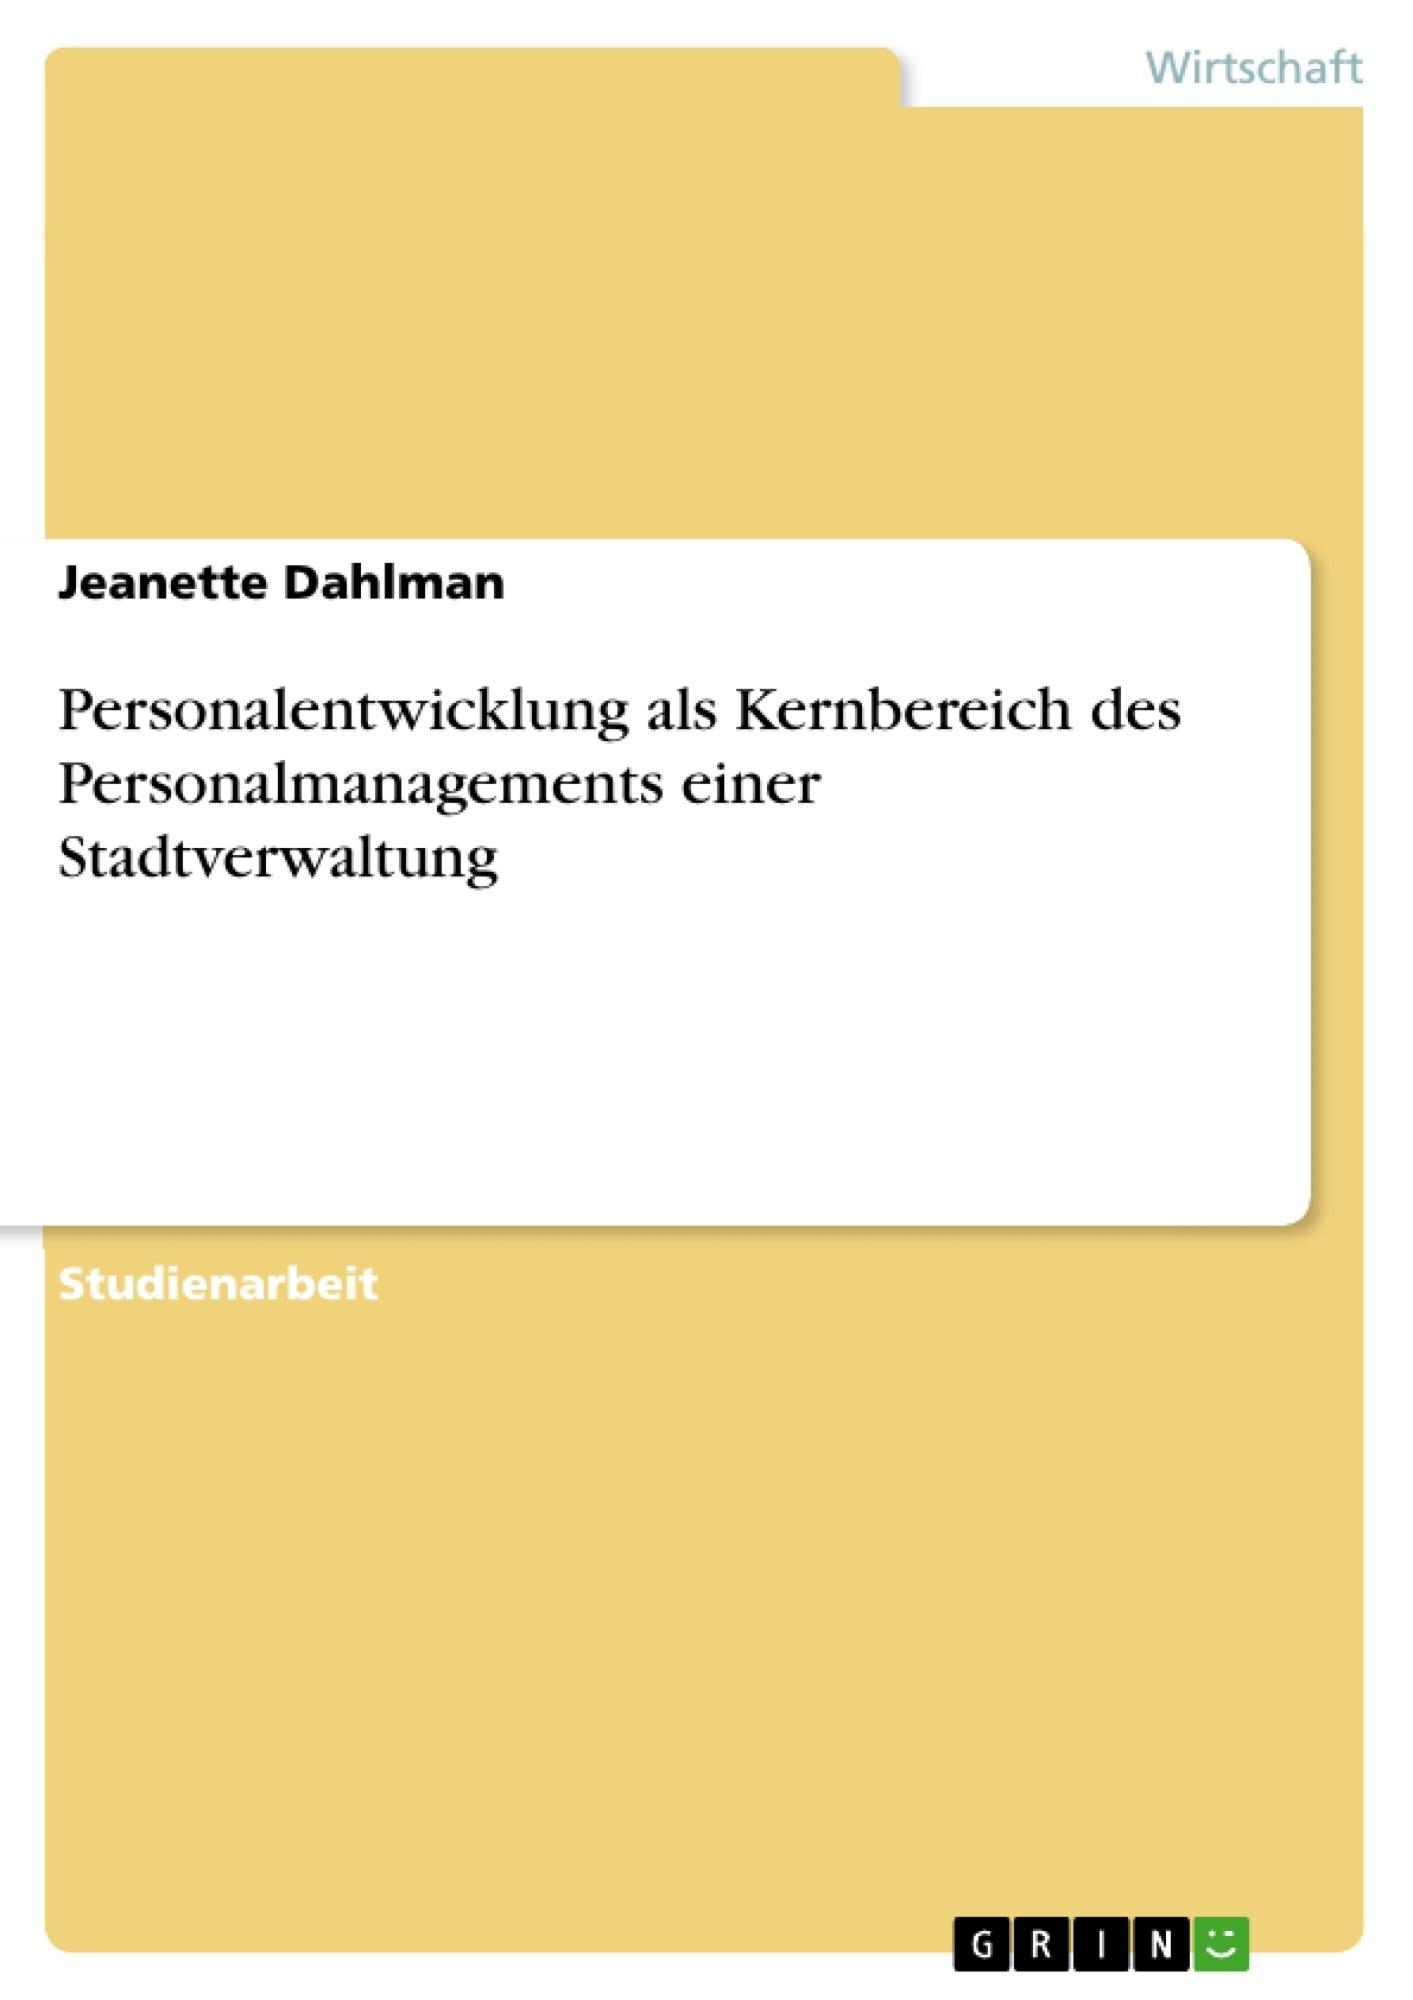 Titel: Personalentwicklung als Kernbereich des Personalmanagements einer Stadtverwaltung